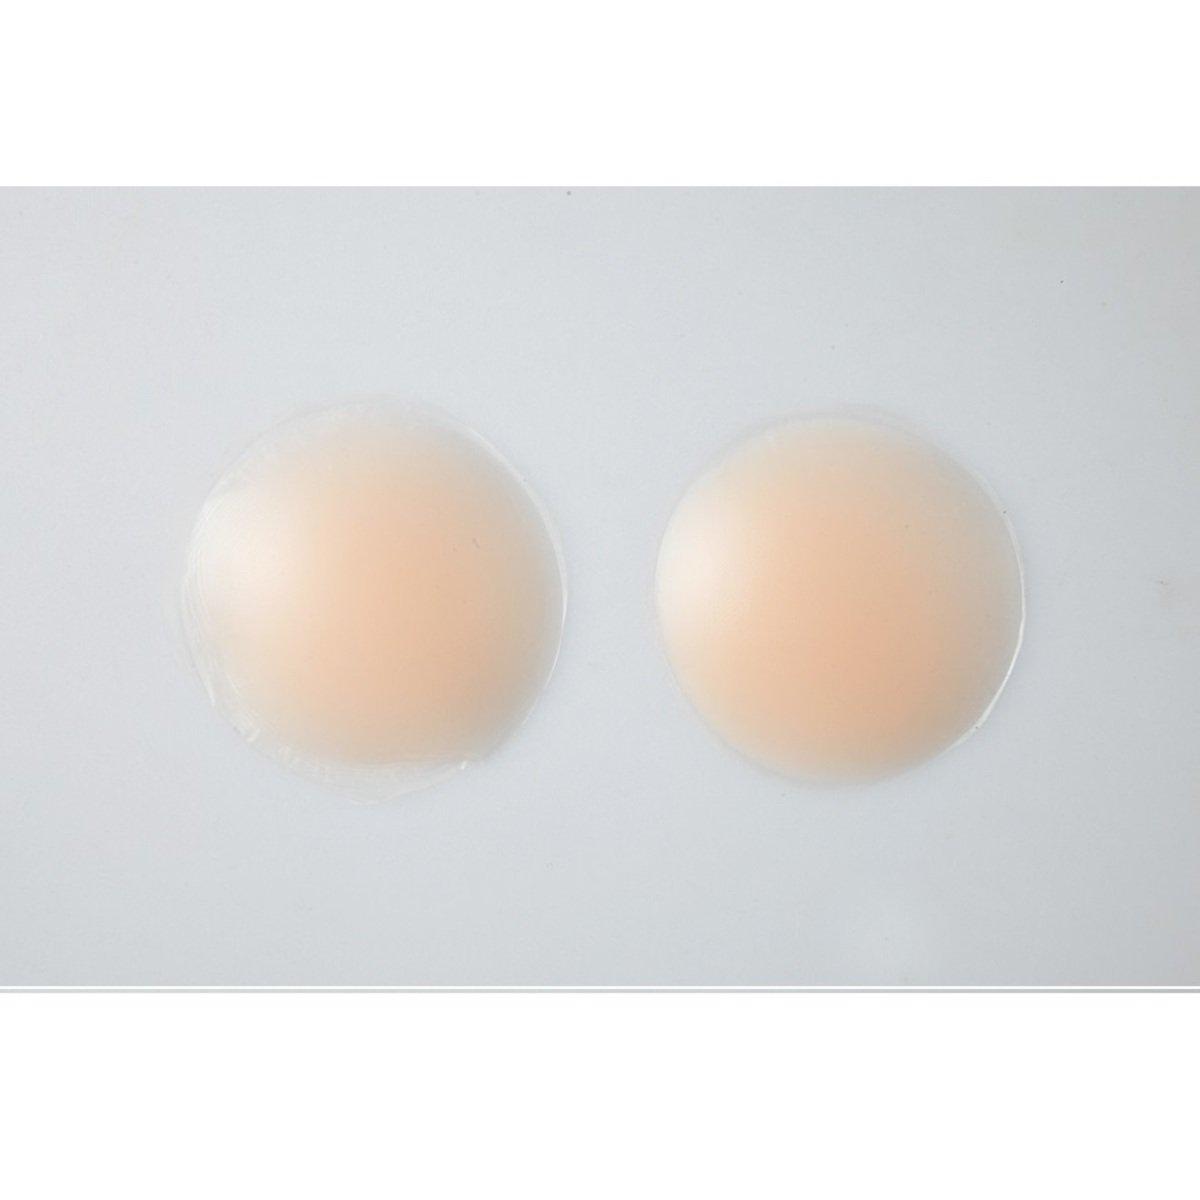 矽膠 mini bra